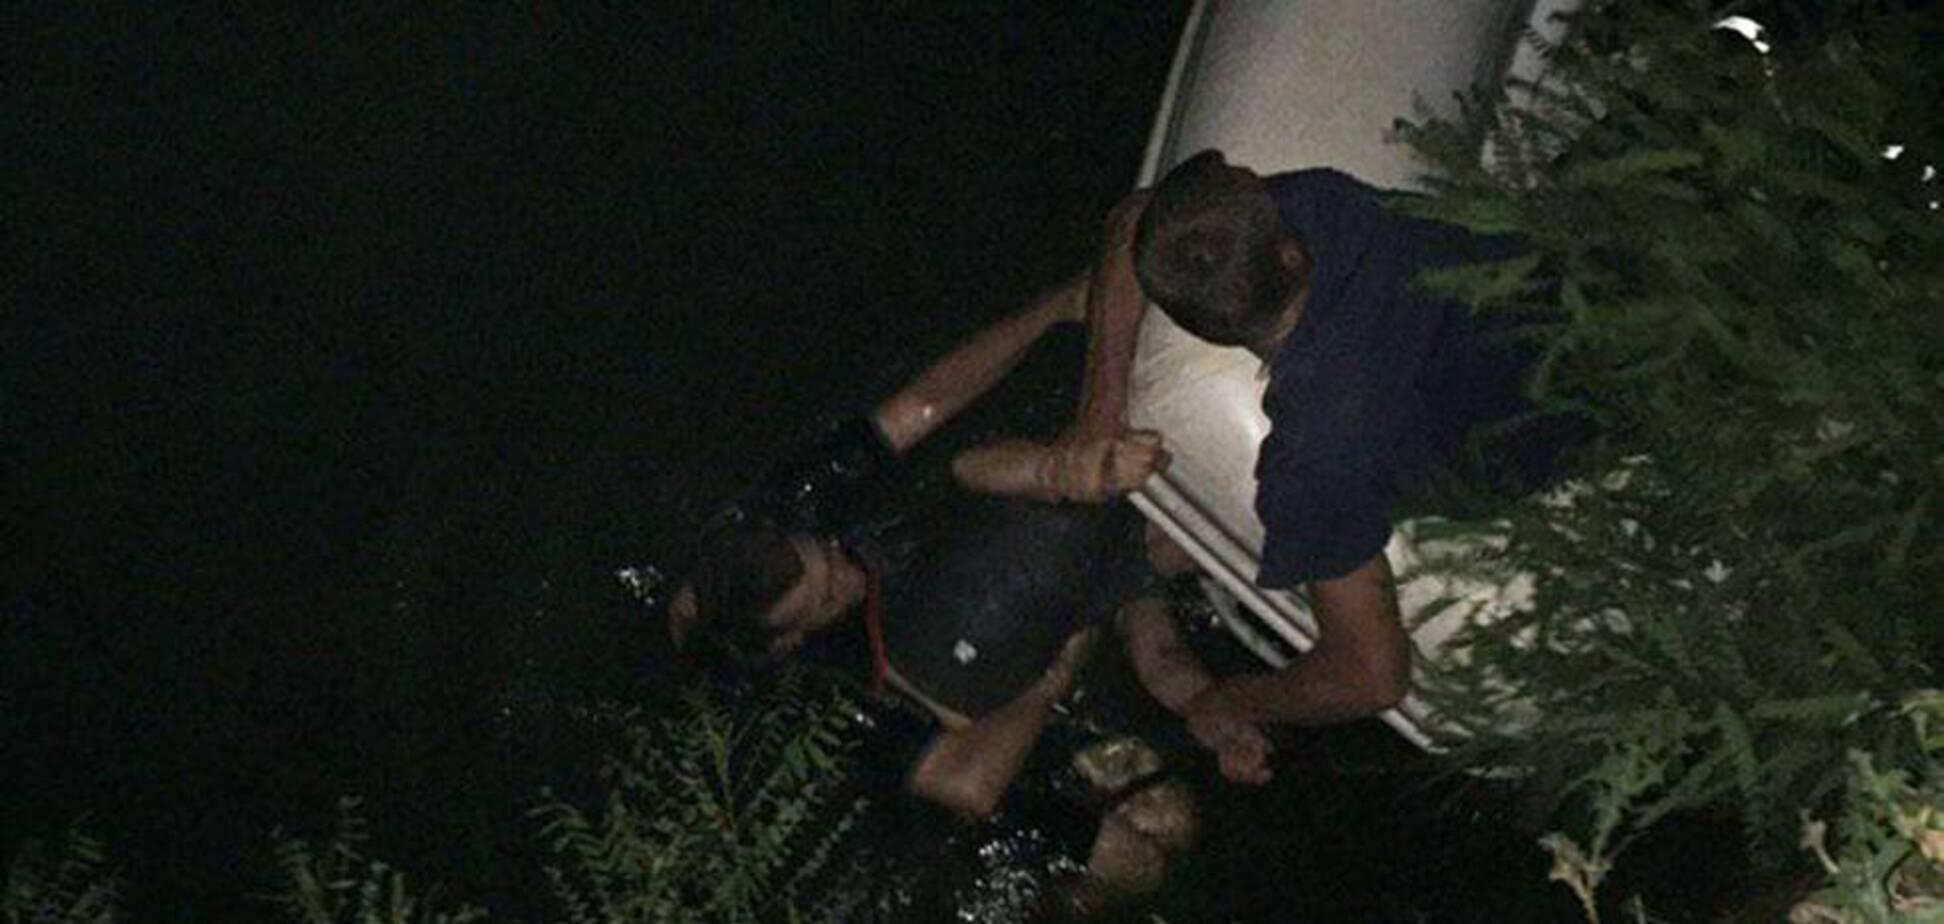 У Дніпрі врятували потопаючого чоловіка. Фото